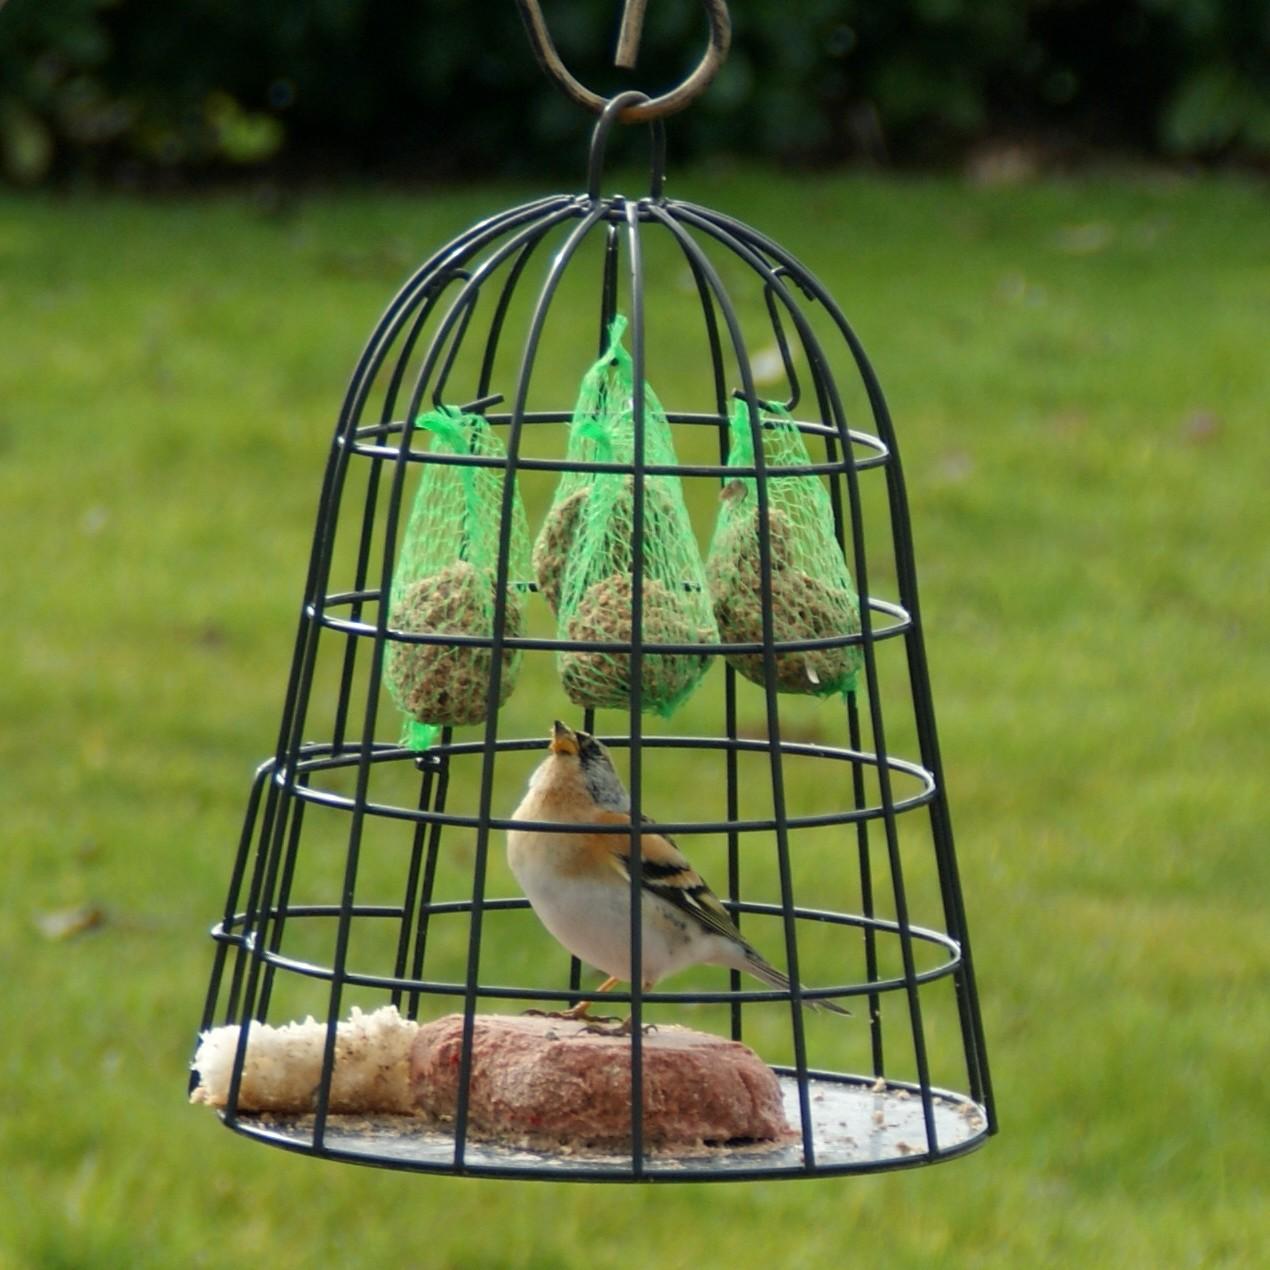 Beschermkooi voor vogelvoer